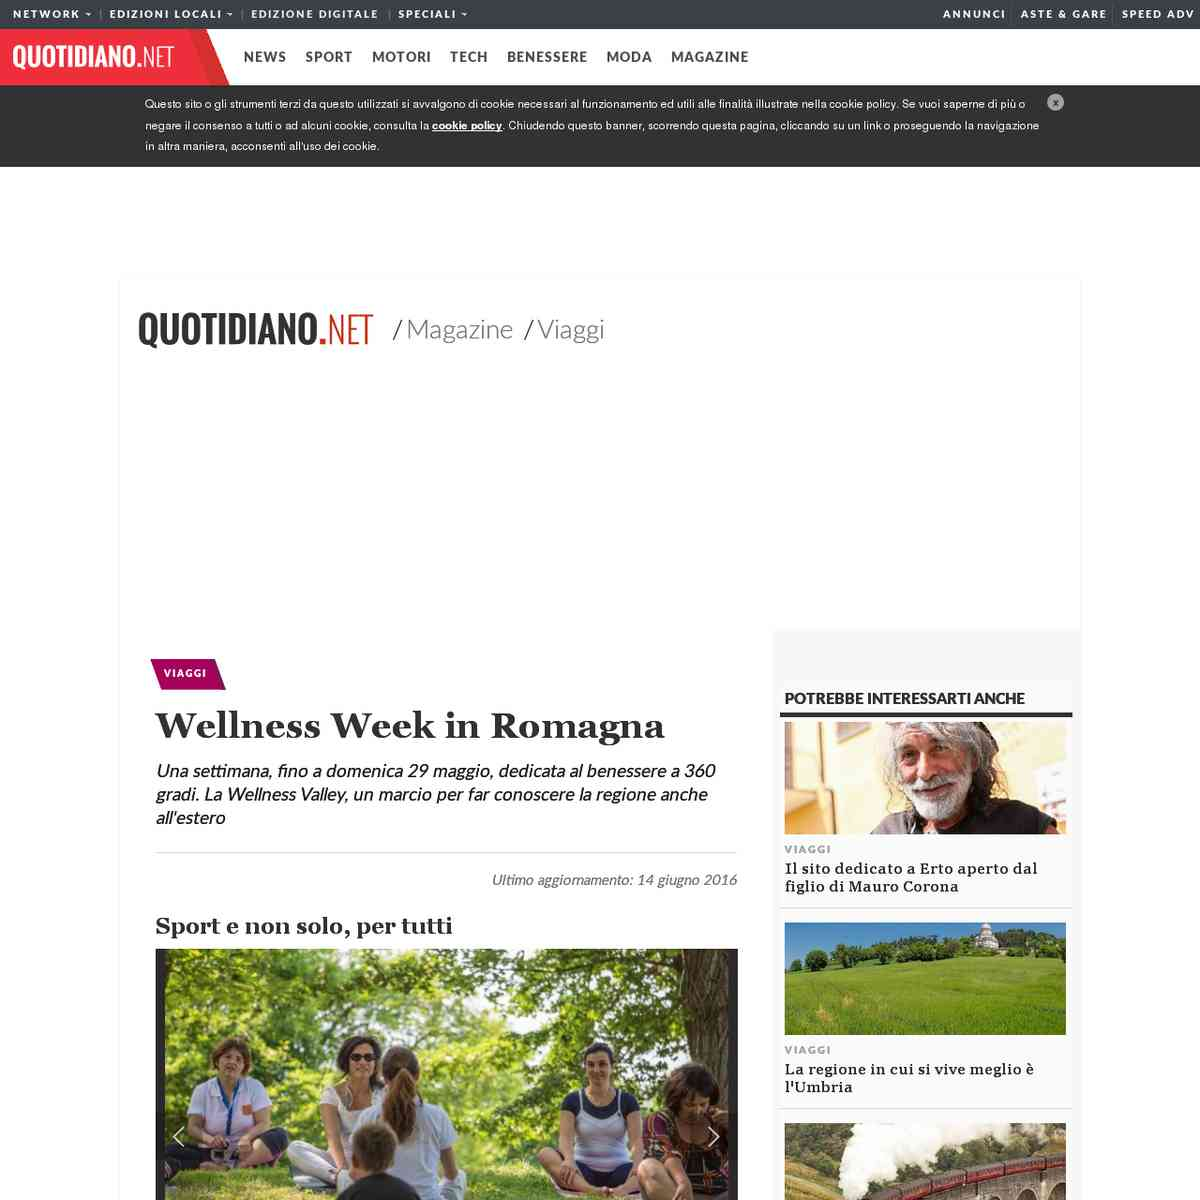 Wellness Week in Romagna - Quotidiamo.net - 20/05/2016